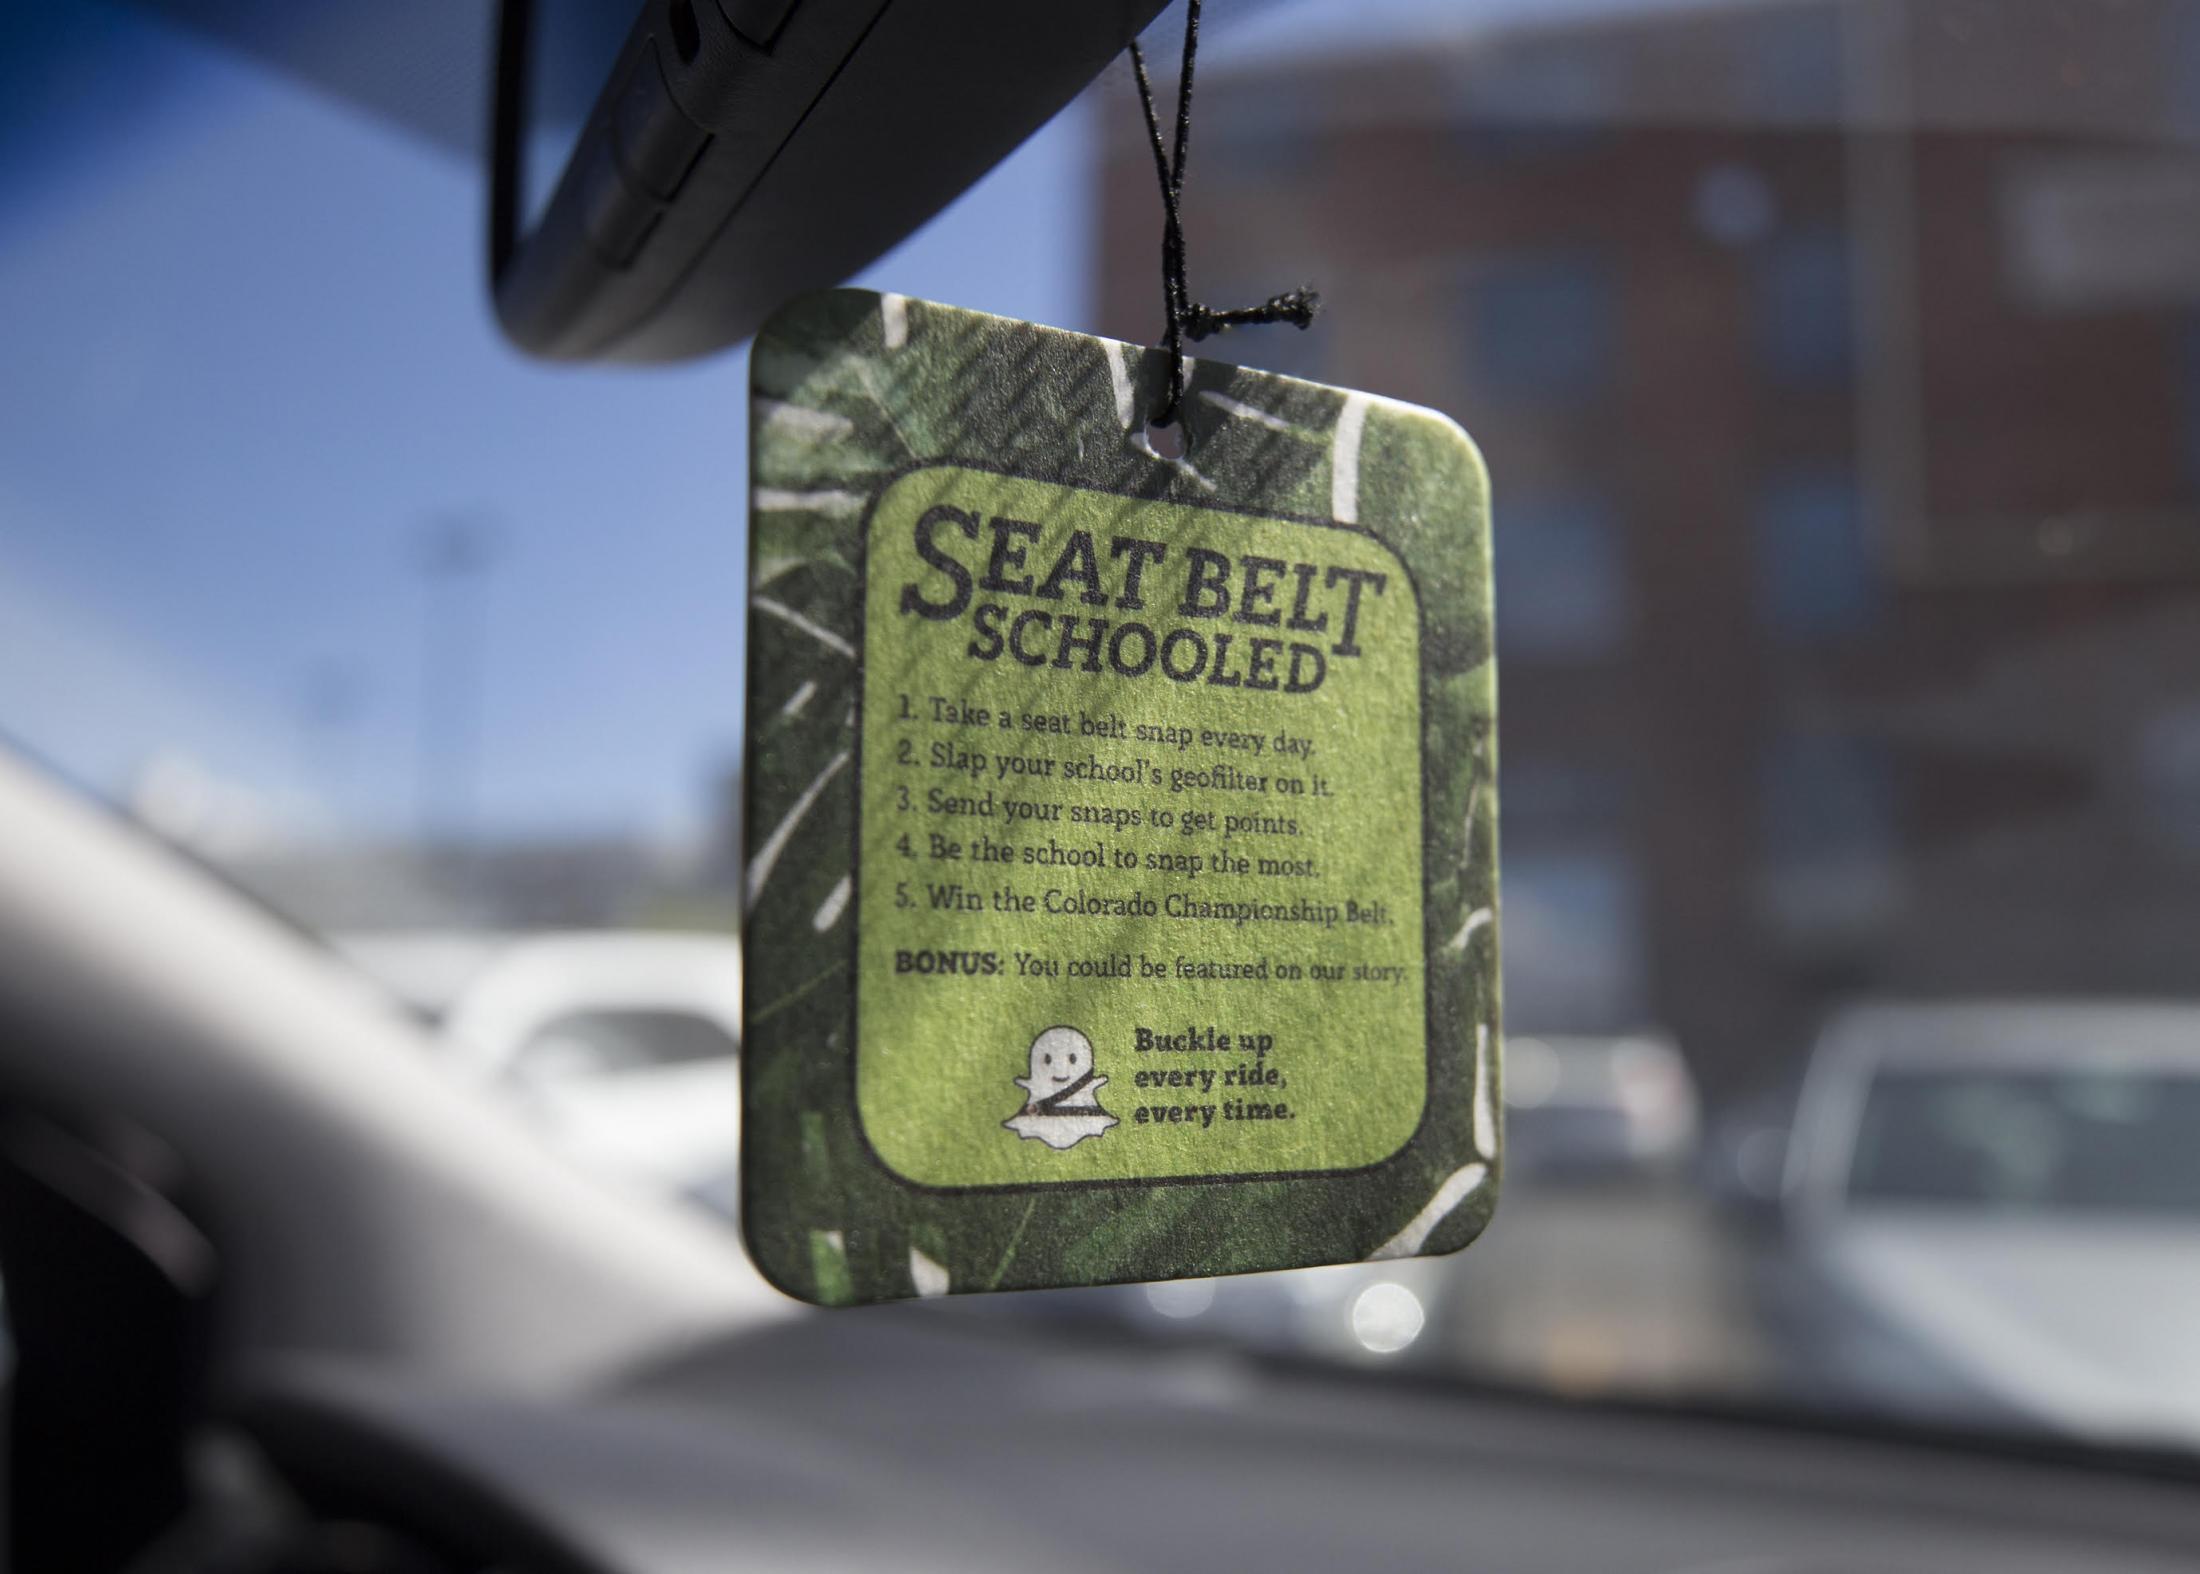 CDOT Direct Ad - Seat Belt Schooled